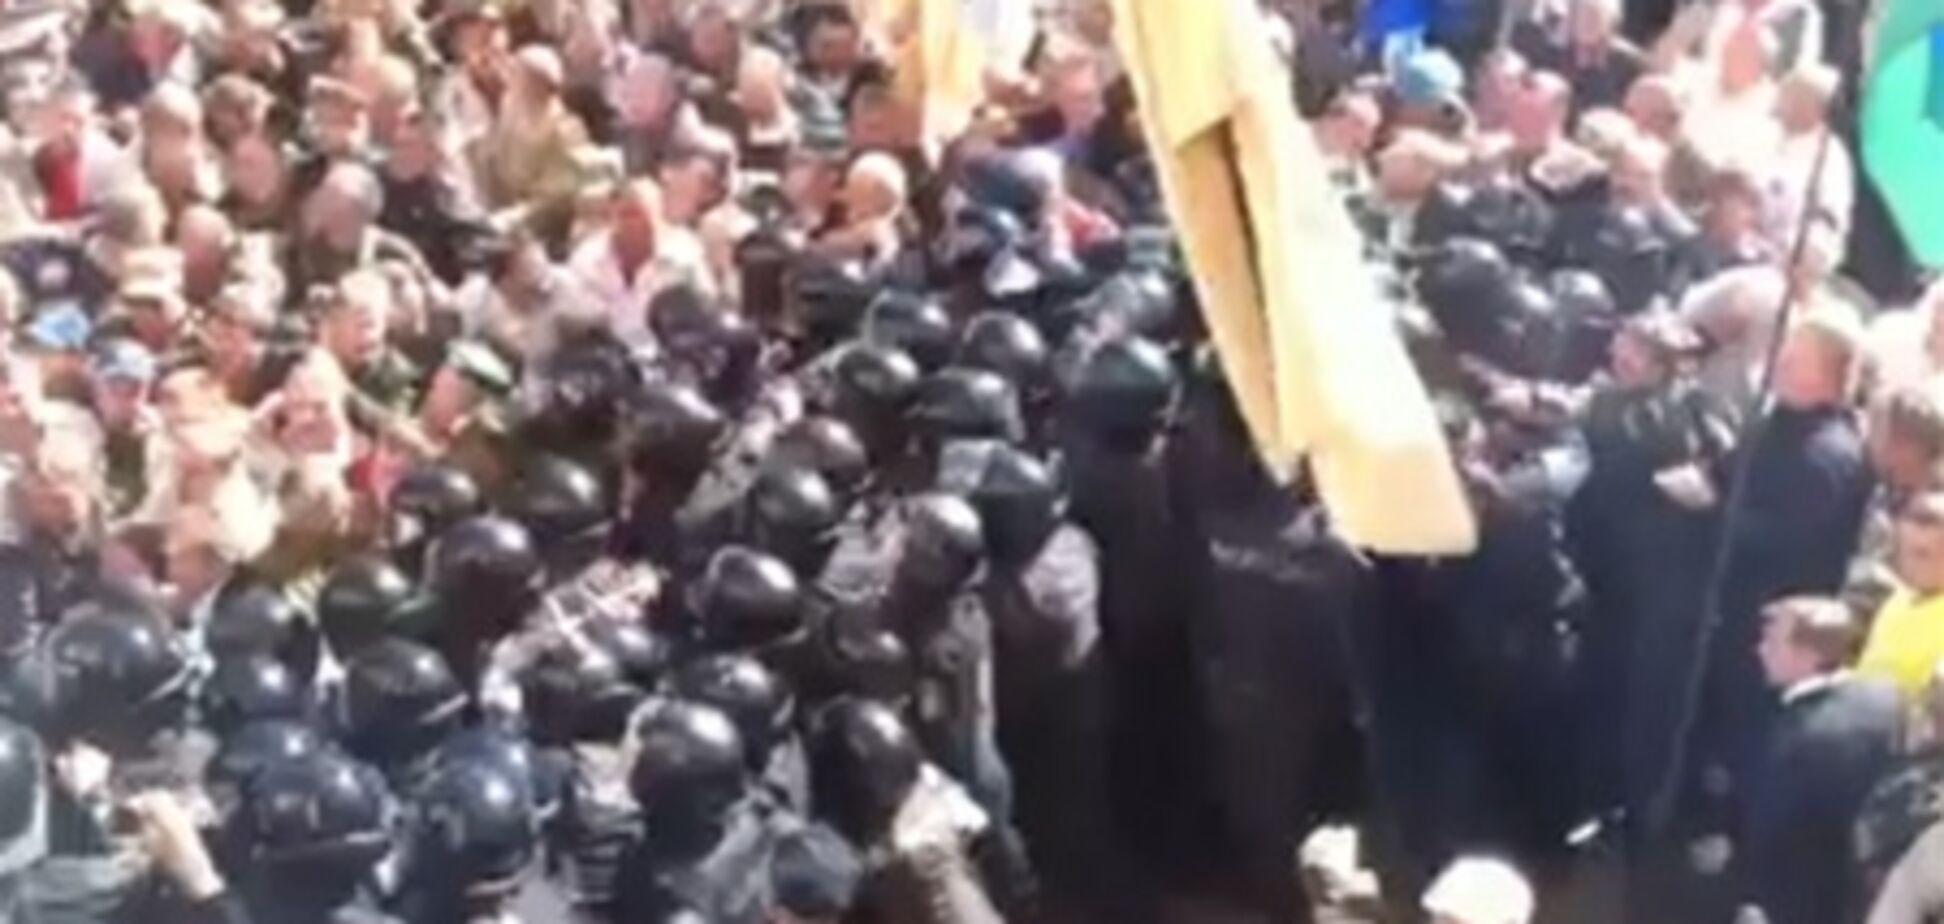 ОМОНу вдалося врятувати нардепів від протестуючих під Радою афганців. Відео